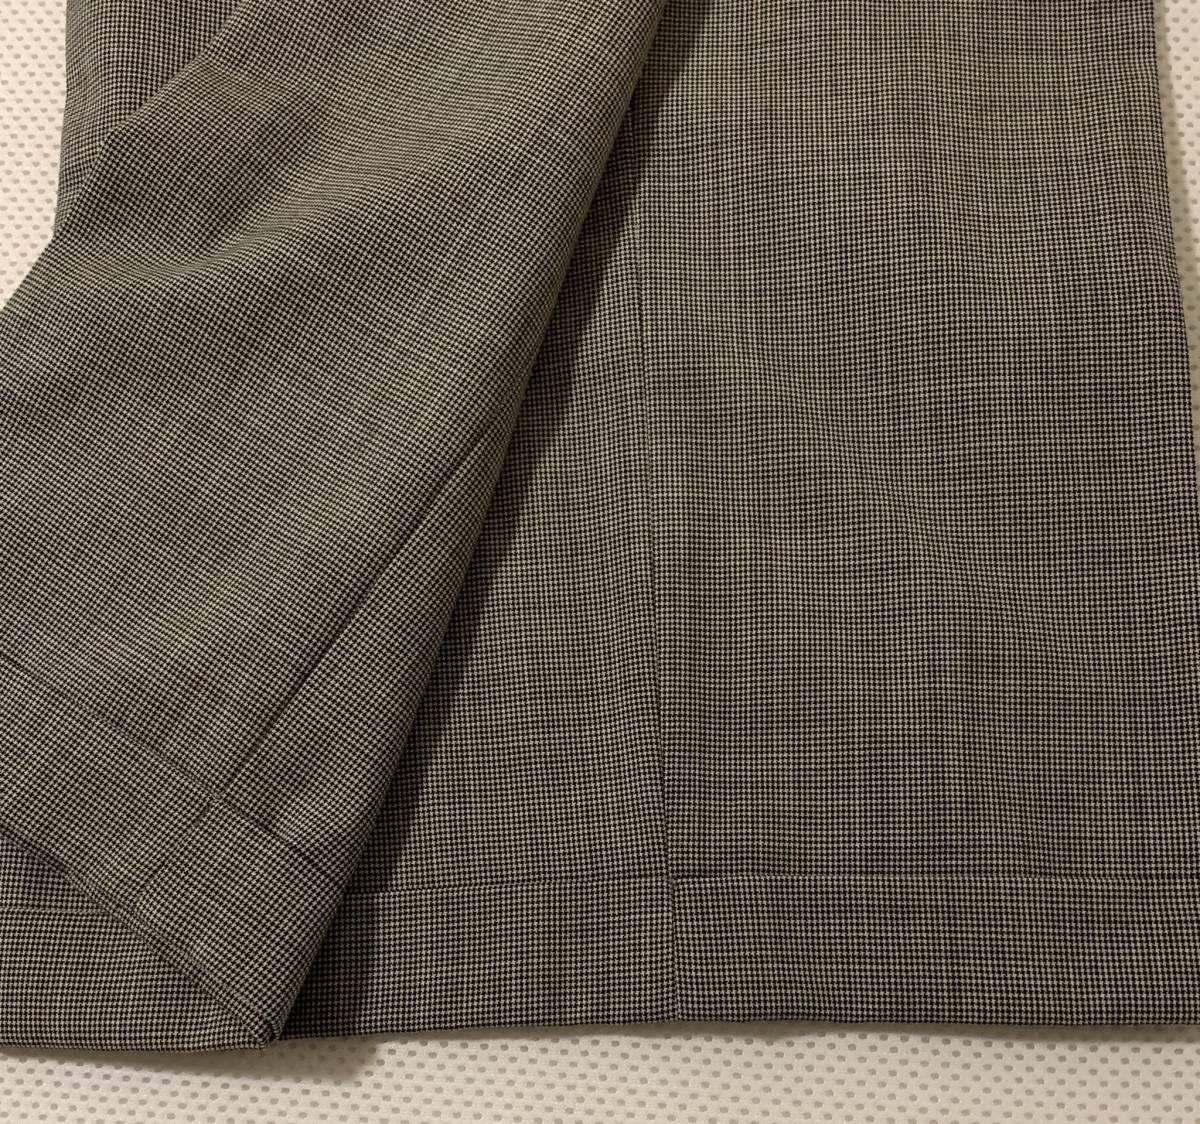 ラルフローレン ワイドパンツ 15号 裾ダブル グレンチェック 大きい_画像2